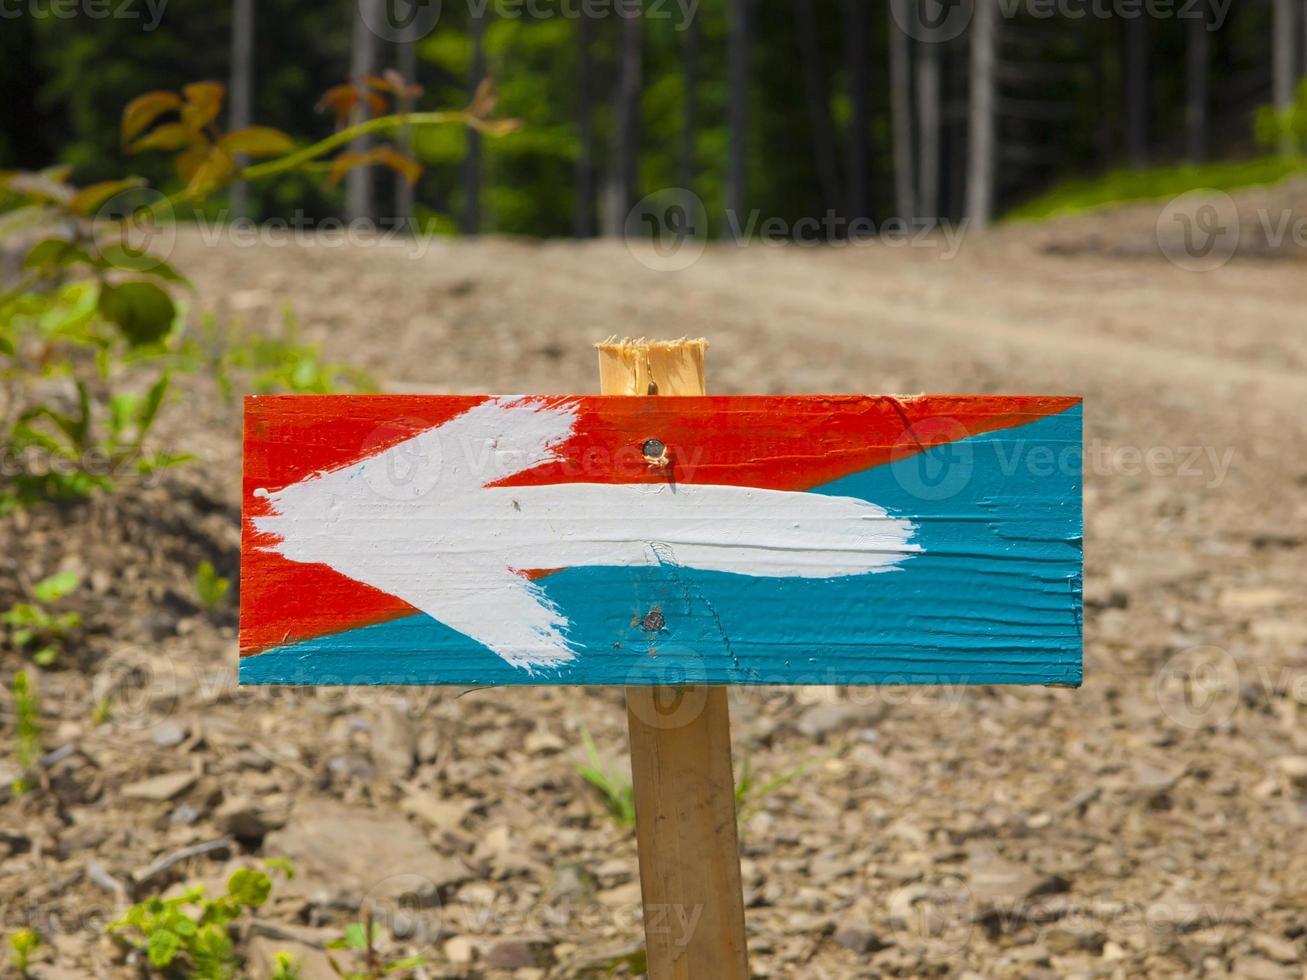 la señal que indica el camino. foto